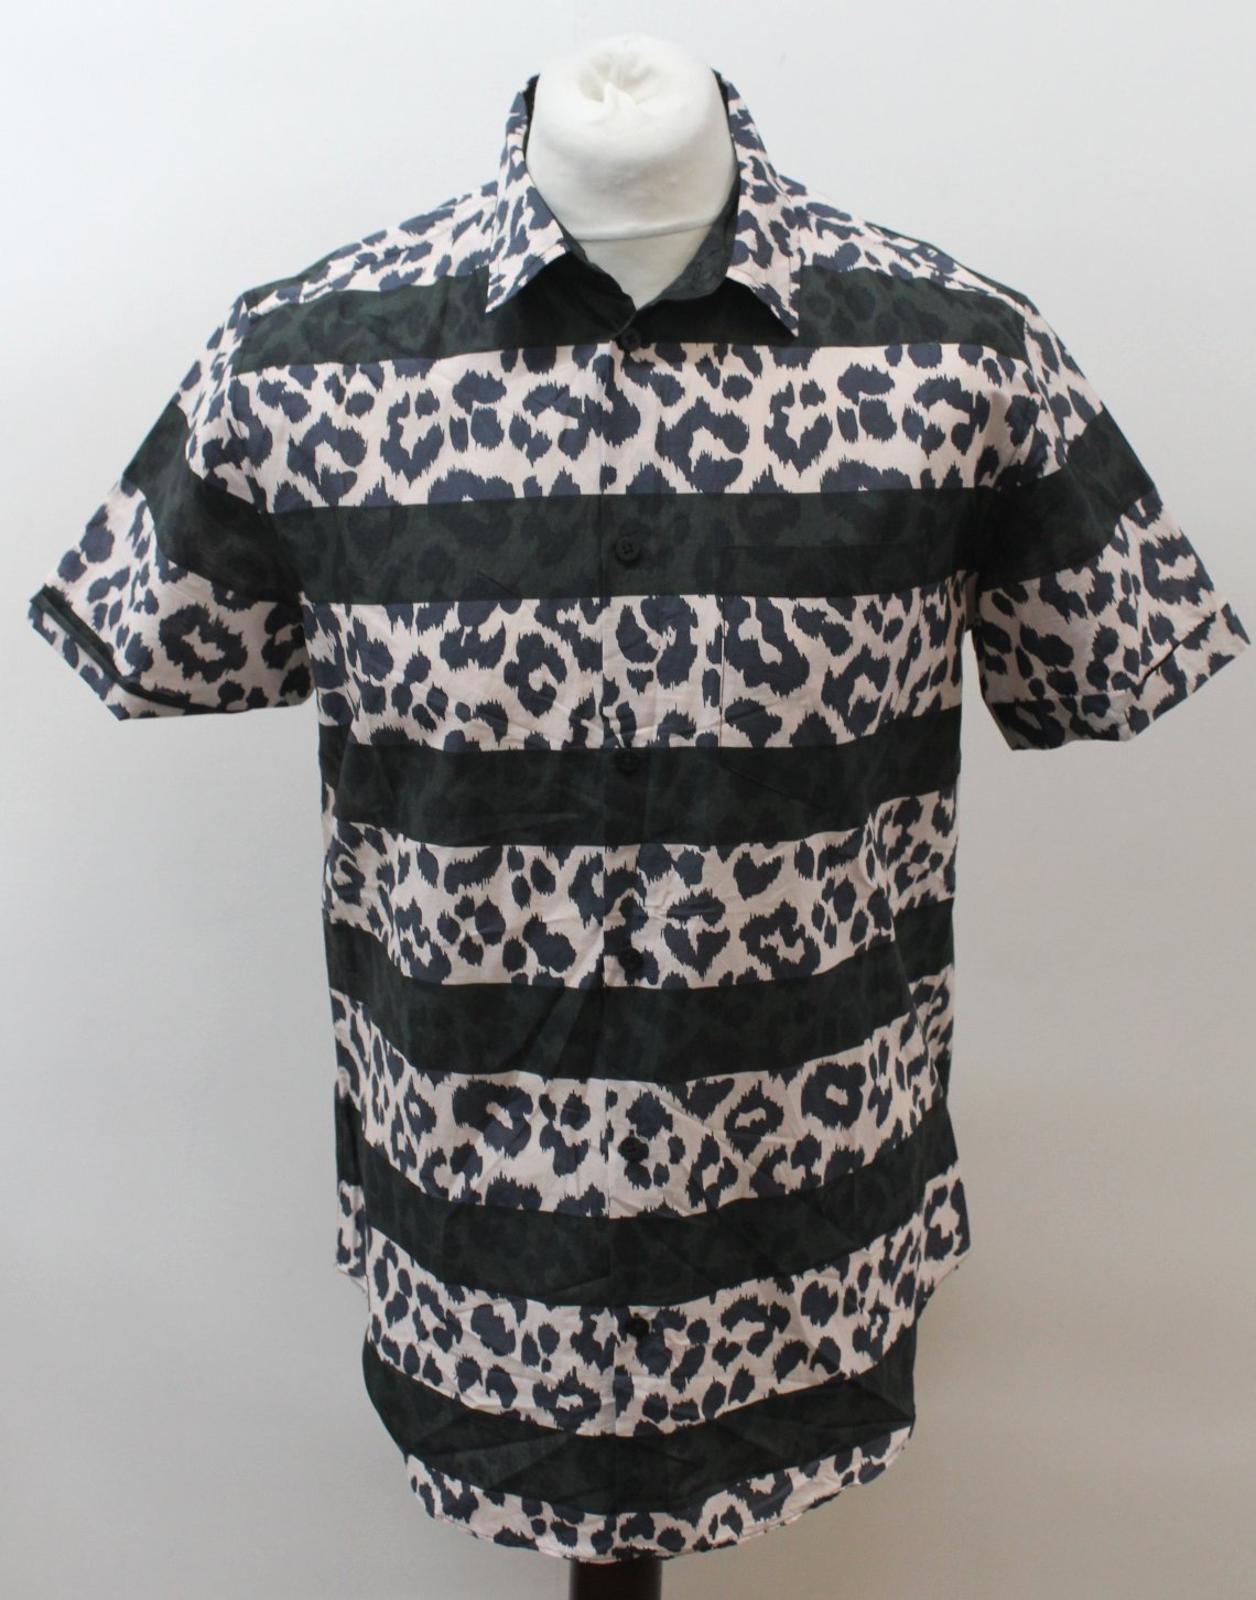 MARC-BY-MARC-JACOBS-Men-039-s-Beige-Black-Cotton-Leopard-Print-Stripe-Casual-Shirt-M thumbnail 2